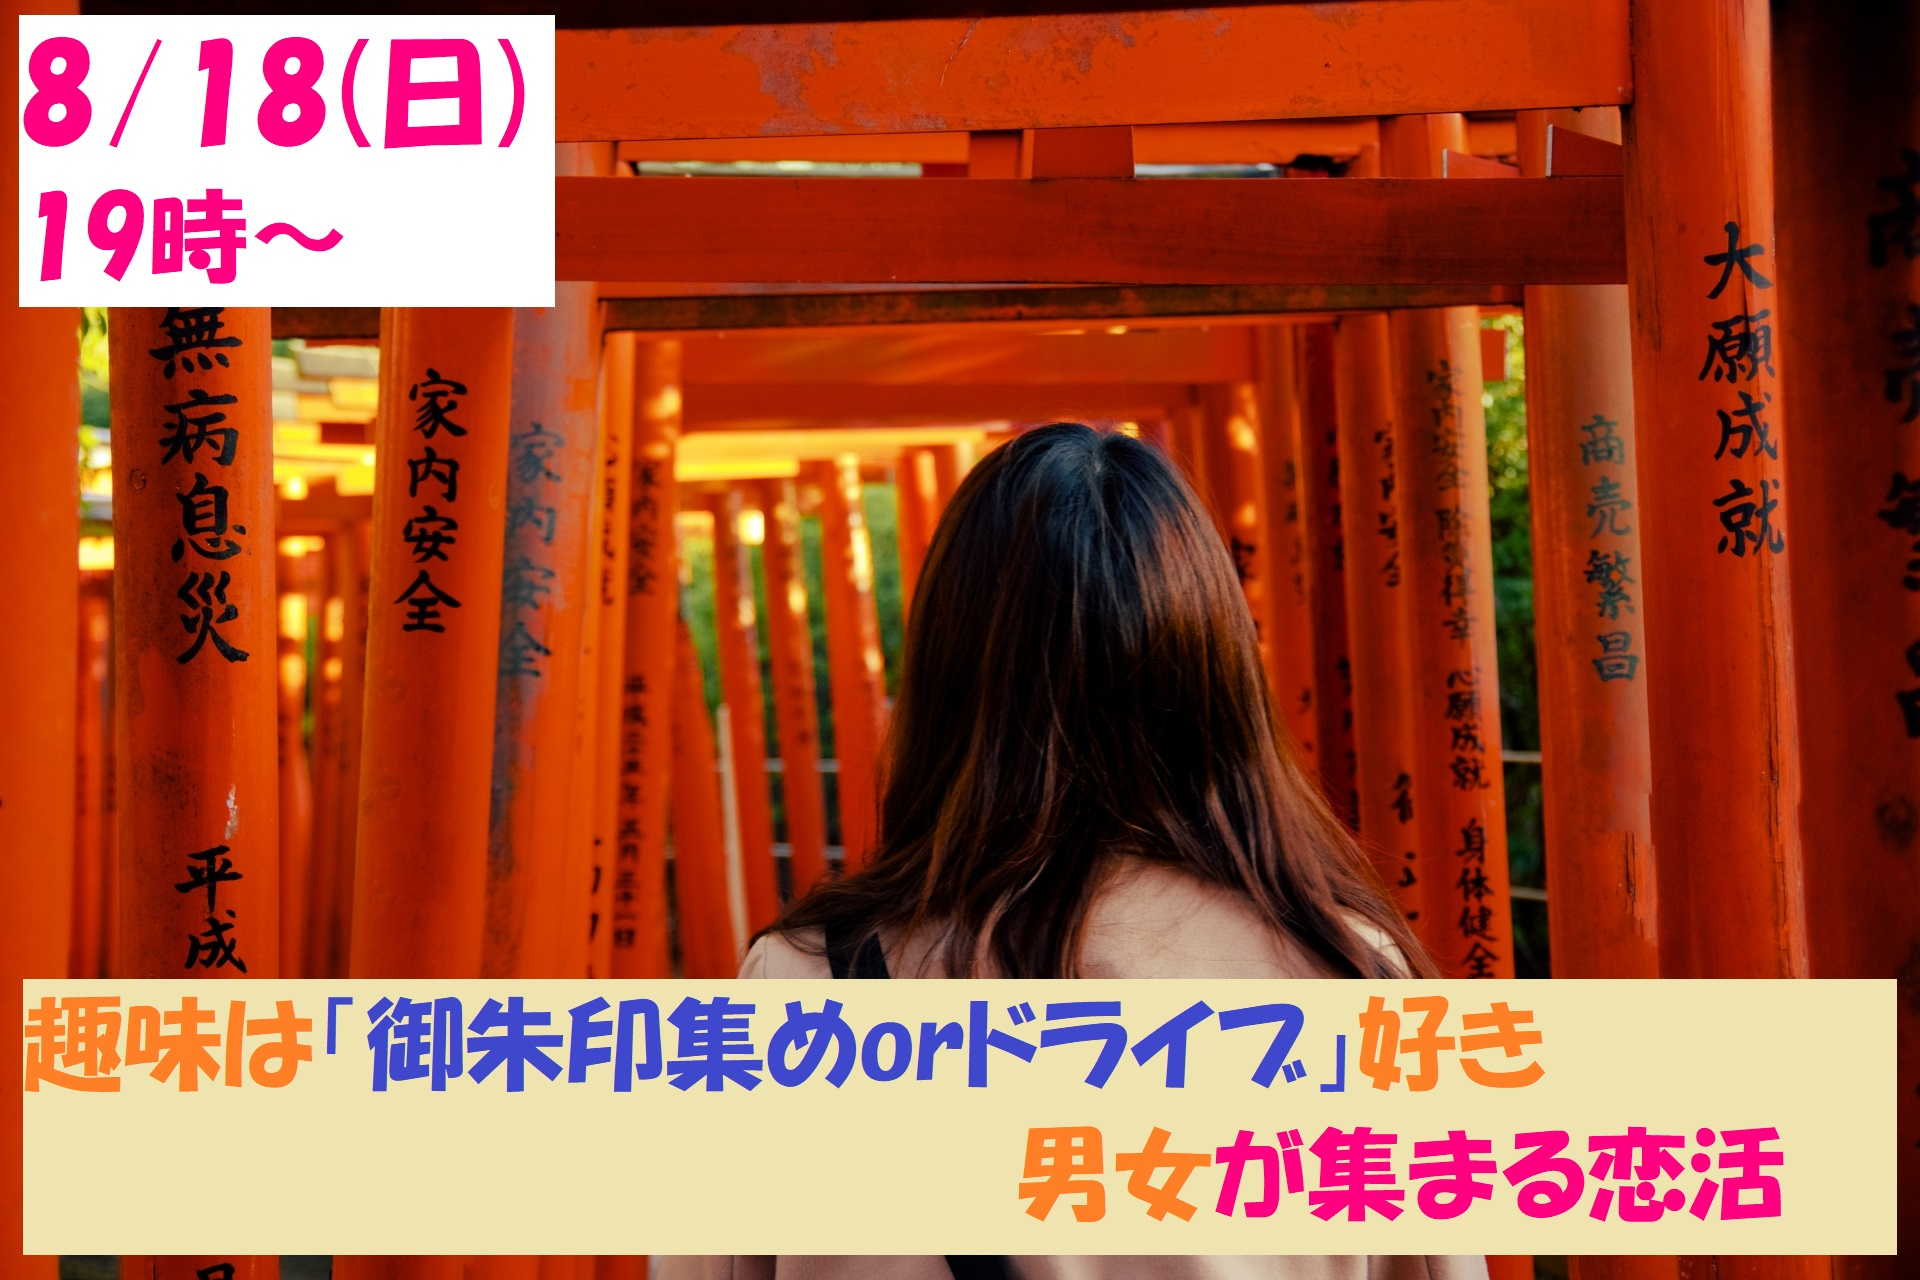 【終了】8月18日(日)19時~趣味は『御朱印集めorドライブ』好き男女が集まる恋活